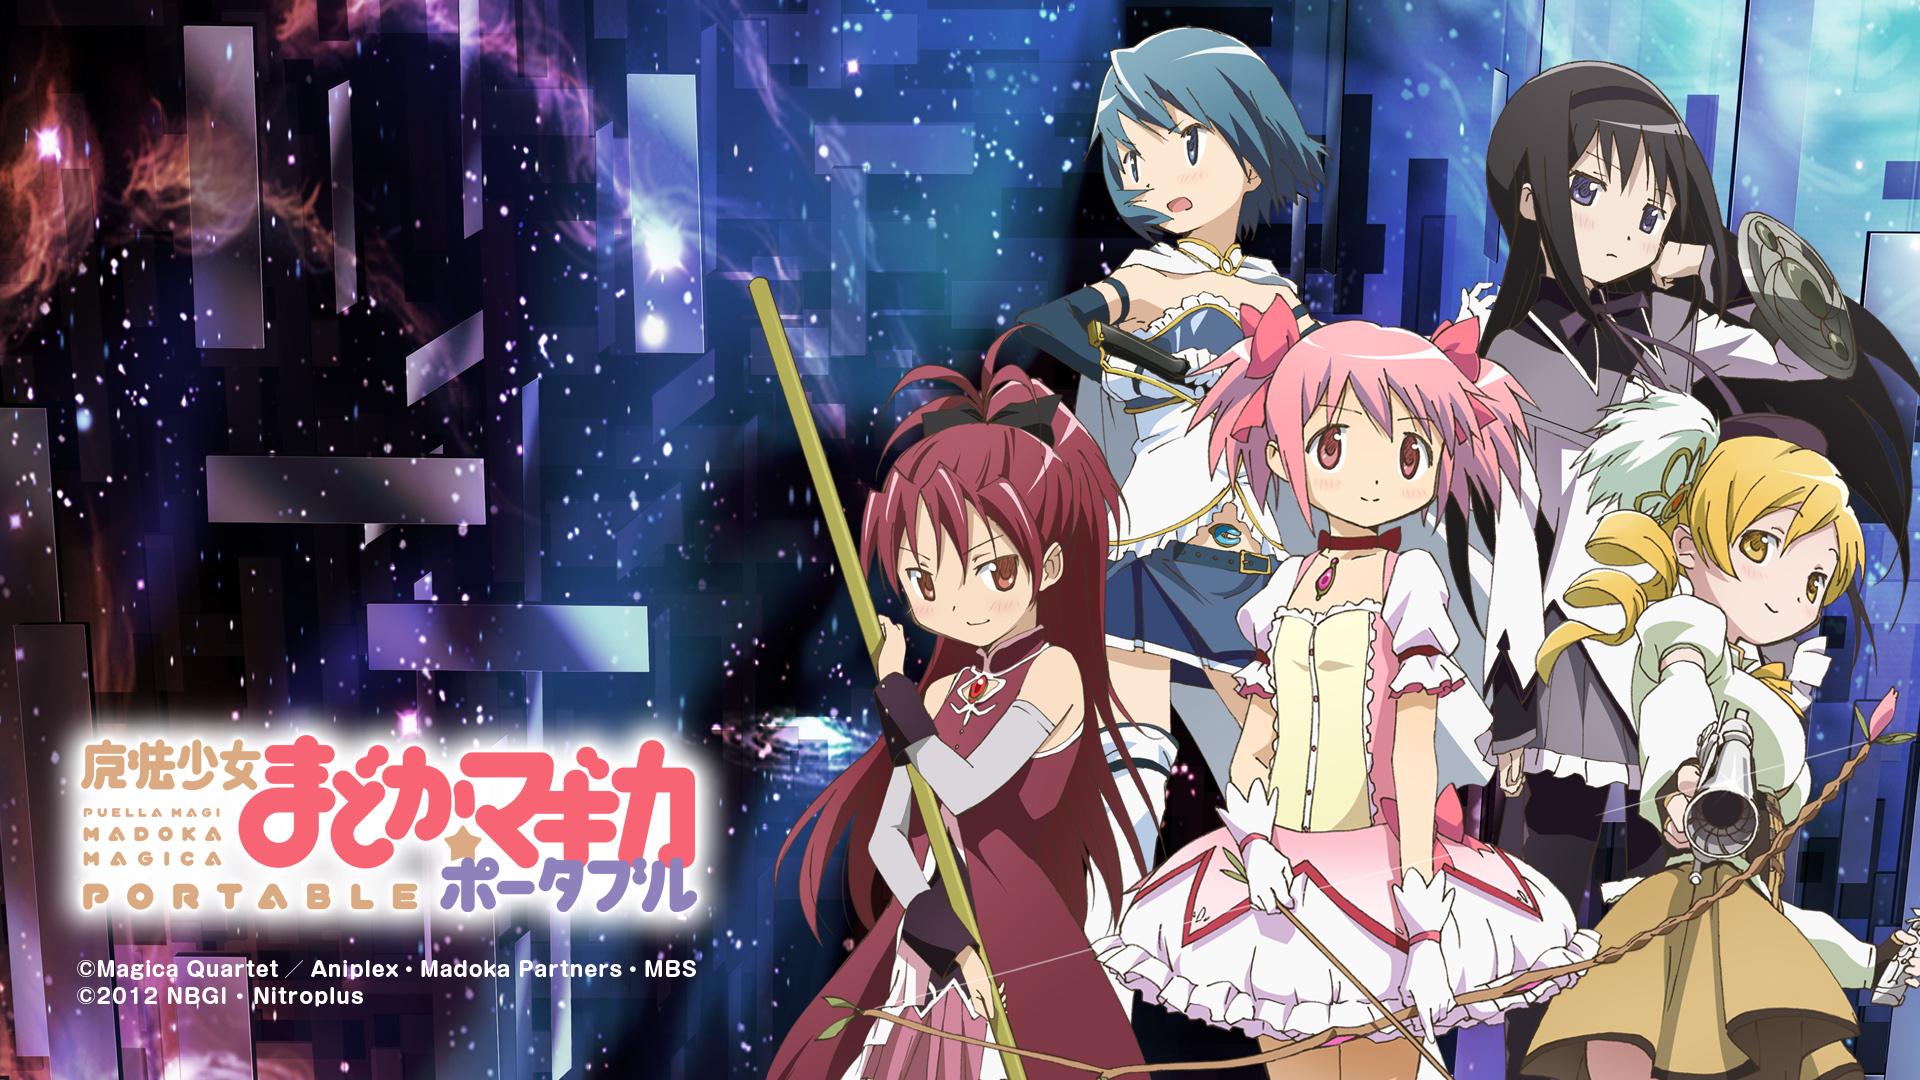 Free Download Anime Puella Magi Madoka Magica Wallpaper 1920x1080